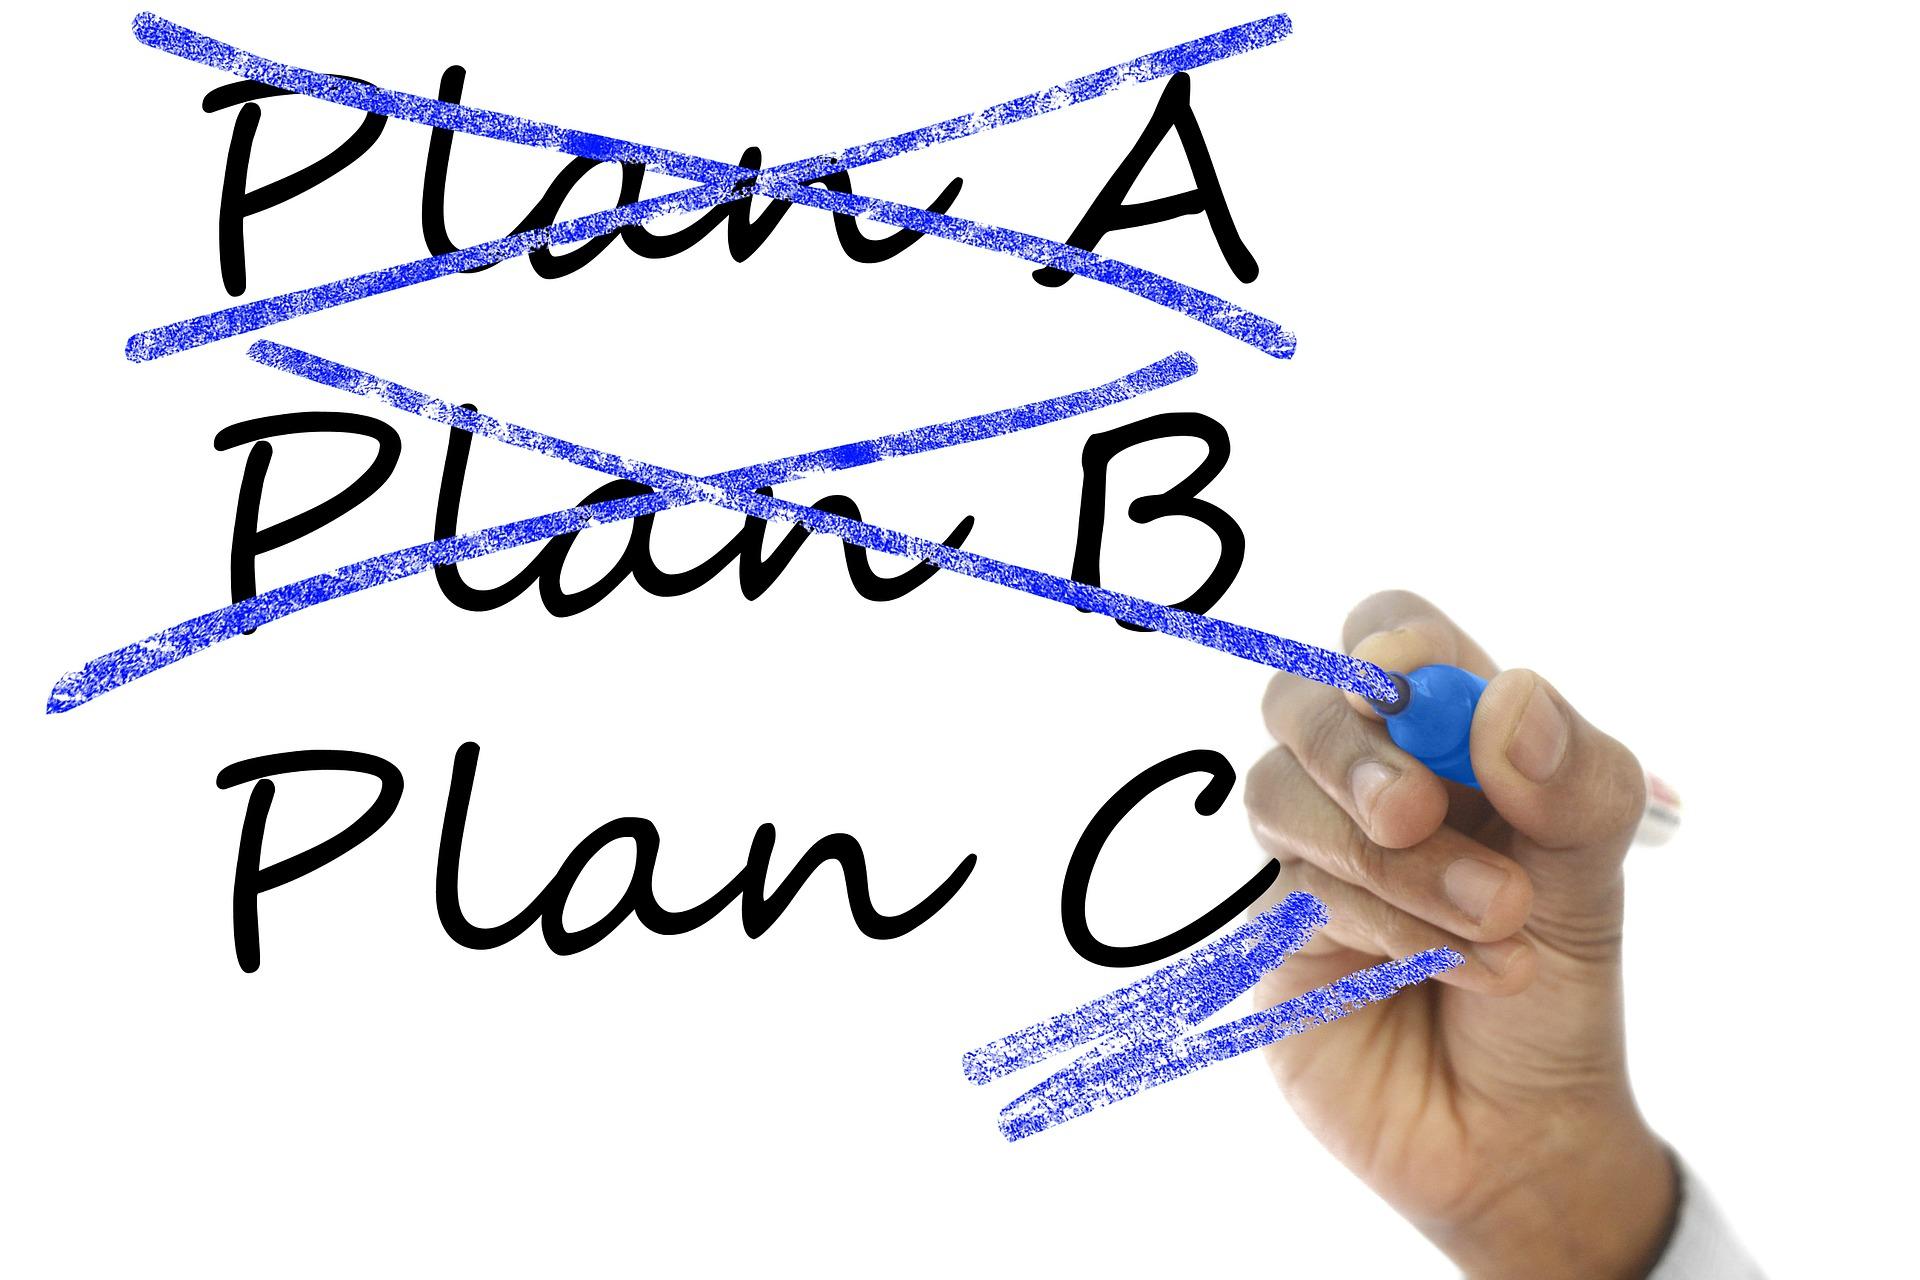 Une_méthode_pour_passer_à_l_action_et_exécuter_des_idées